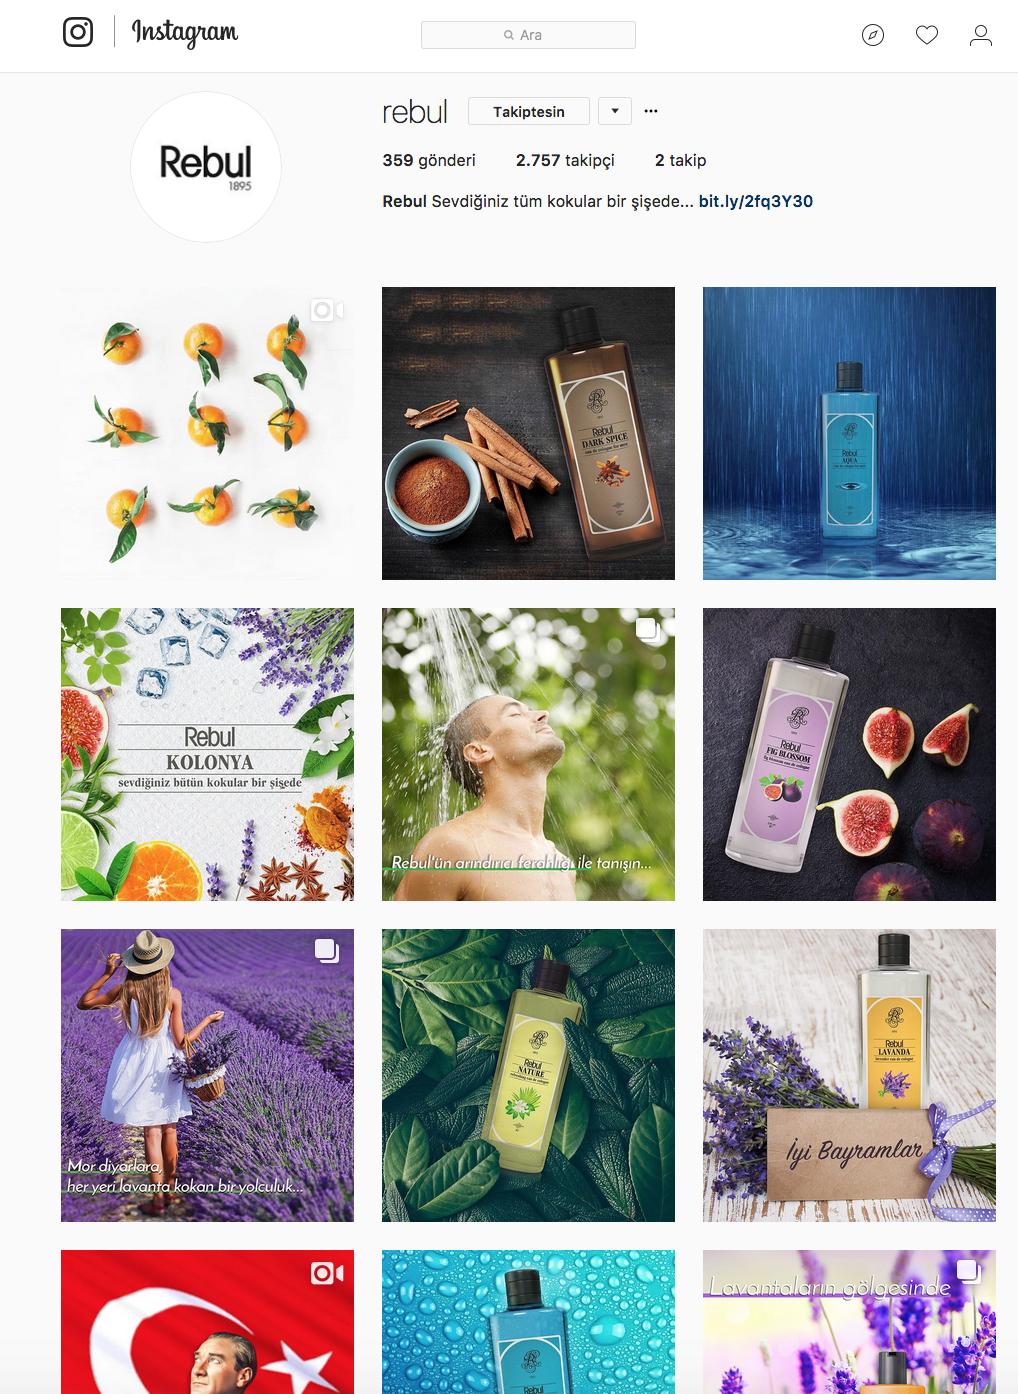 Rebul Facebook/Instagram Content Management